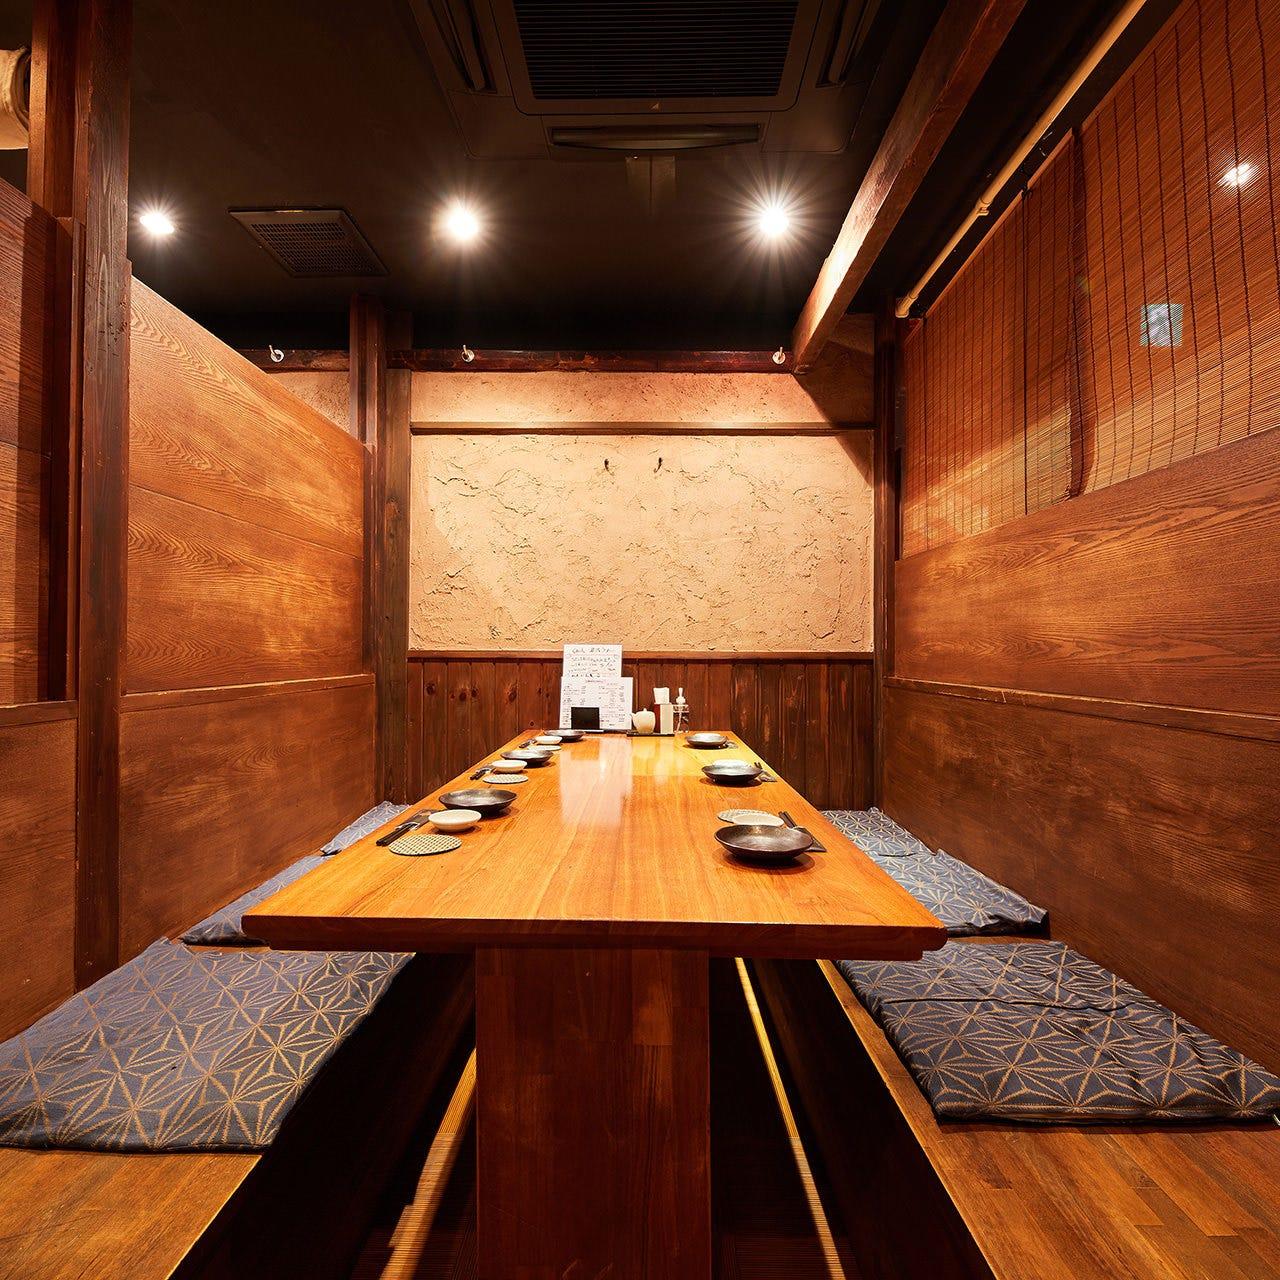 古民家風の心休まる空間の2〜4名様用3階テーブル半個室を満喫